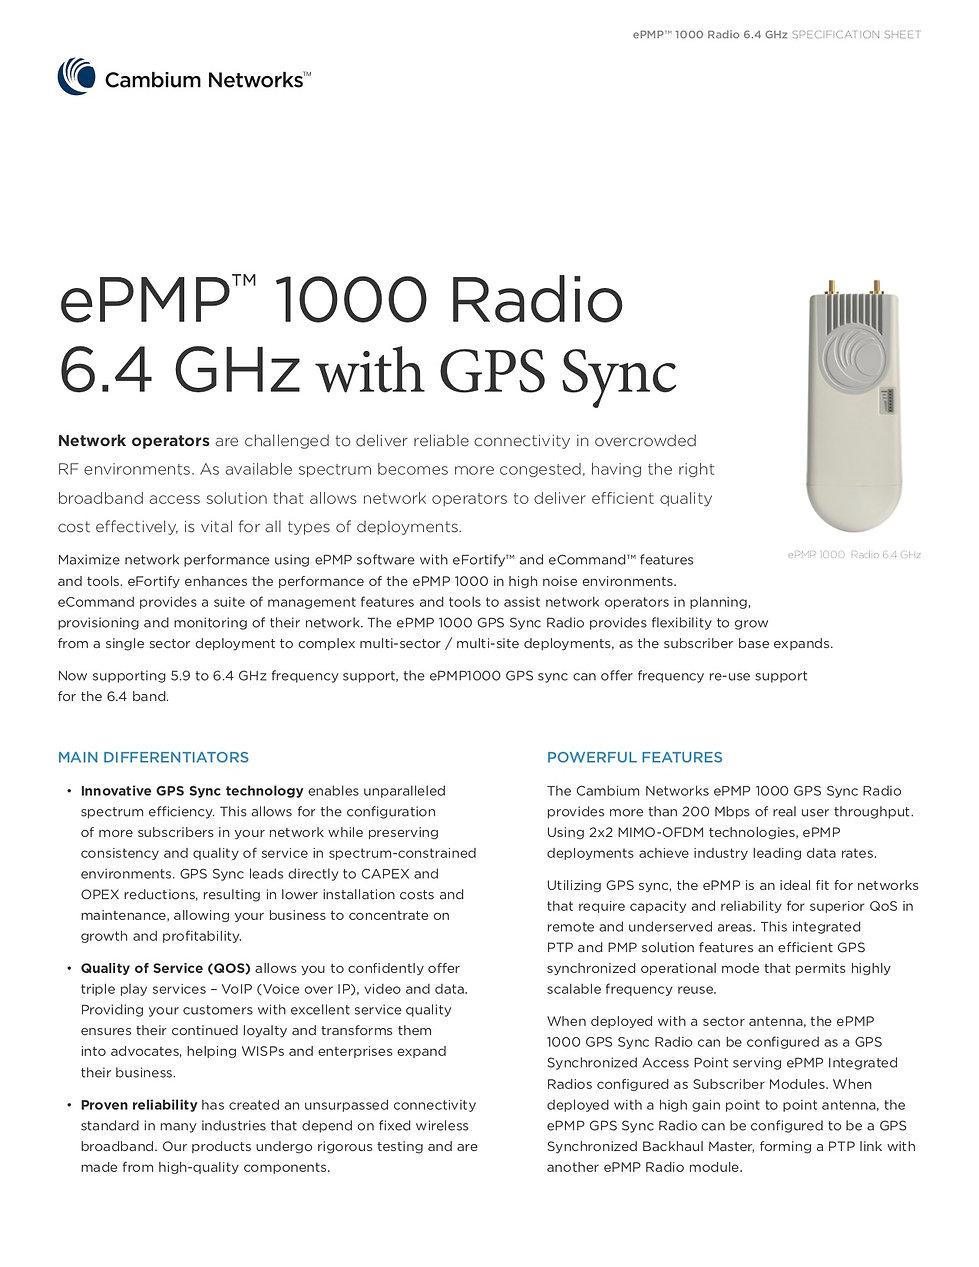 CambiumePMP 1000 GPS Sync RadioSpecification